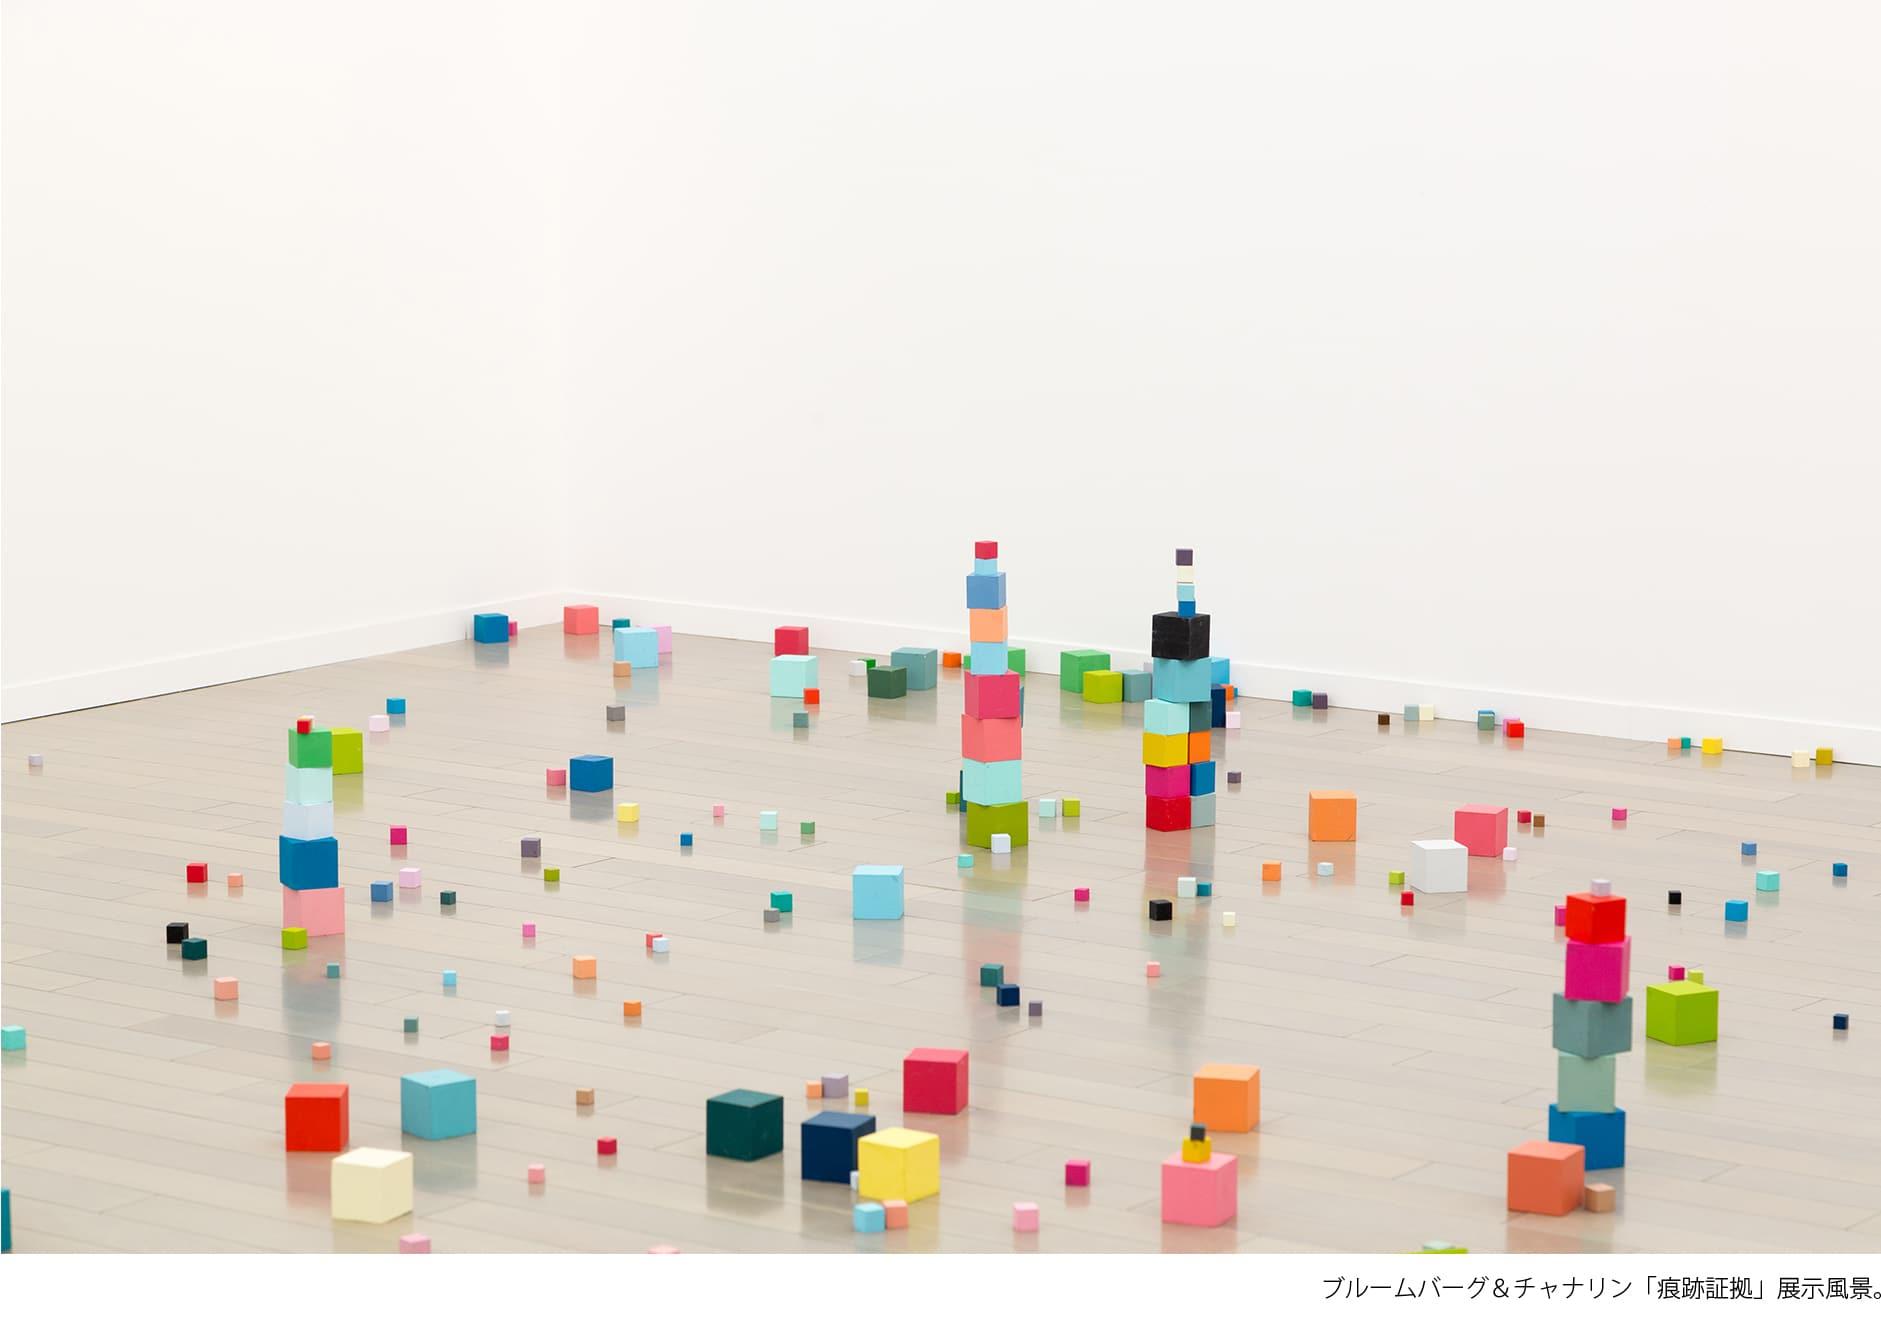 ブルームバーグ&チャナリン「痕跡証拠」展示風景。